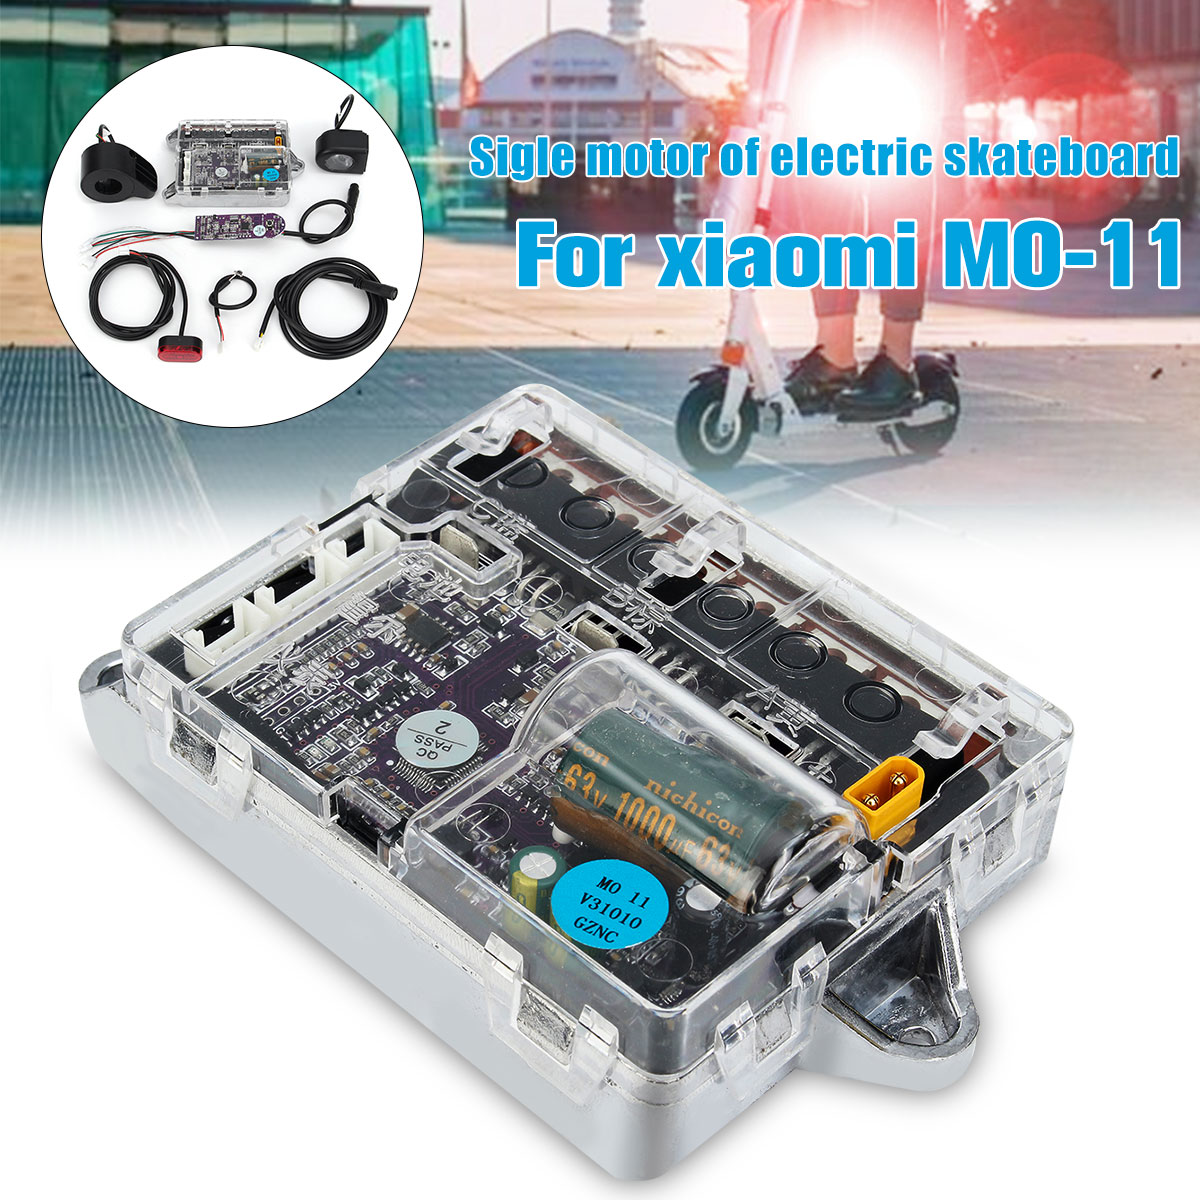 Planche à roulettes trottinette bricolage Sigle Moteur De Skateboard électrique Contrôleur Principal Conseil ESC Substitut Kit pour xiaomi MO-11 M0-11